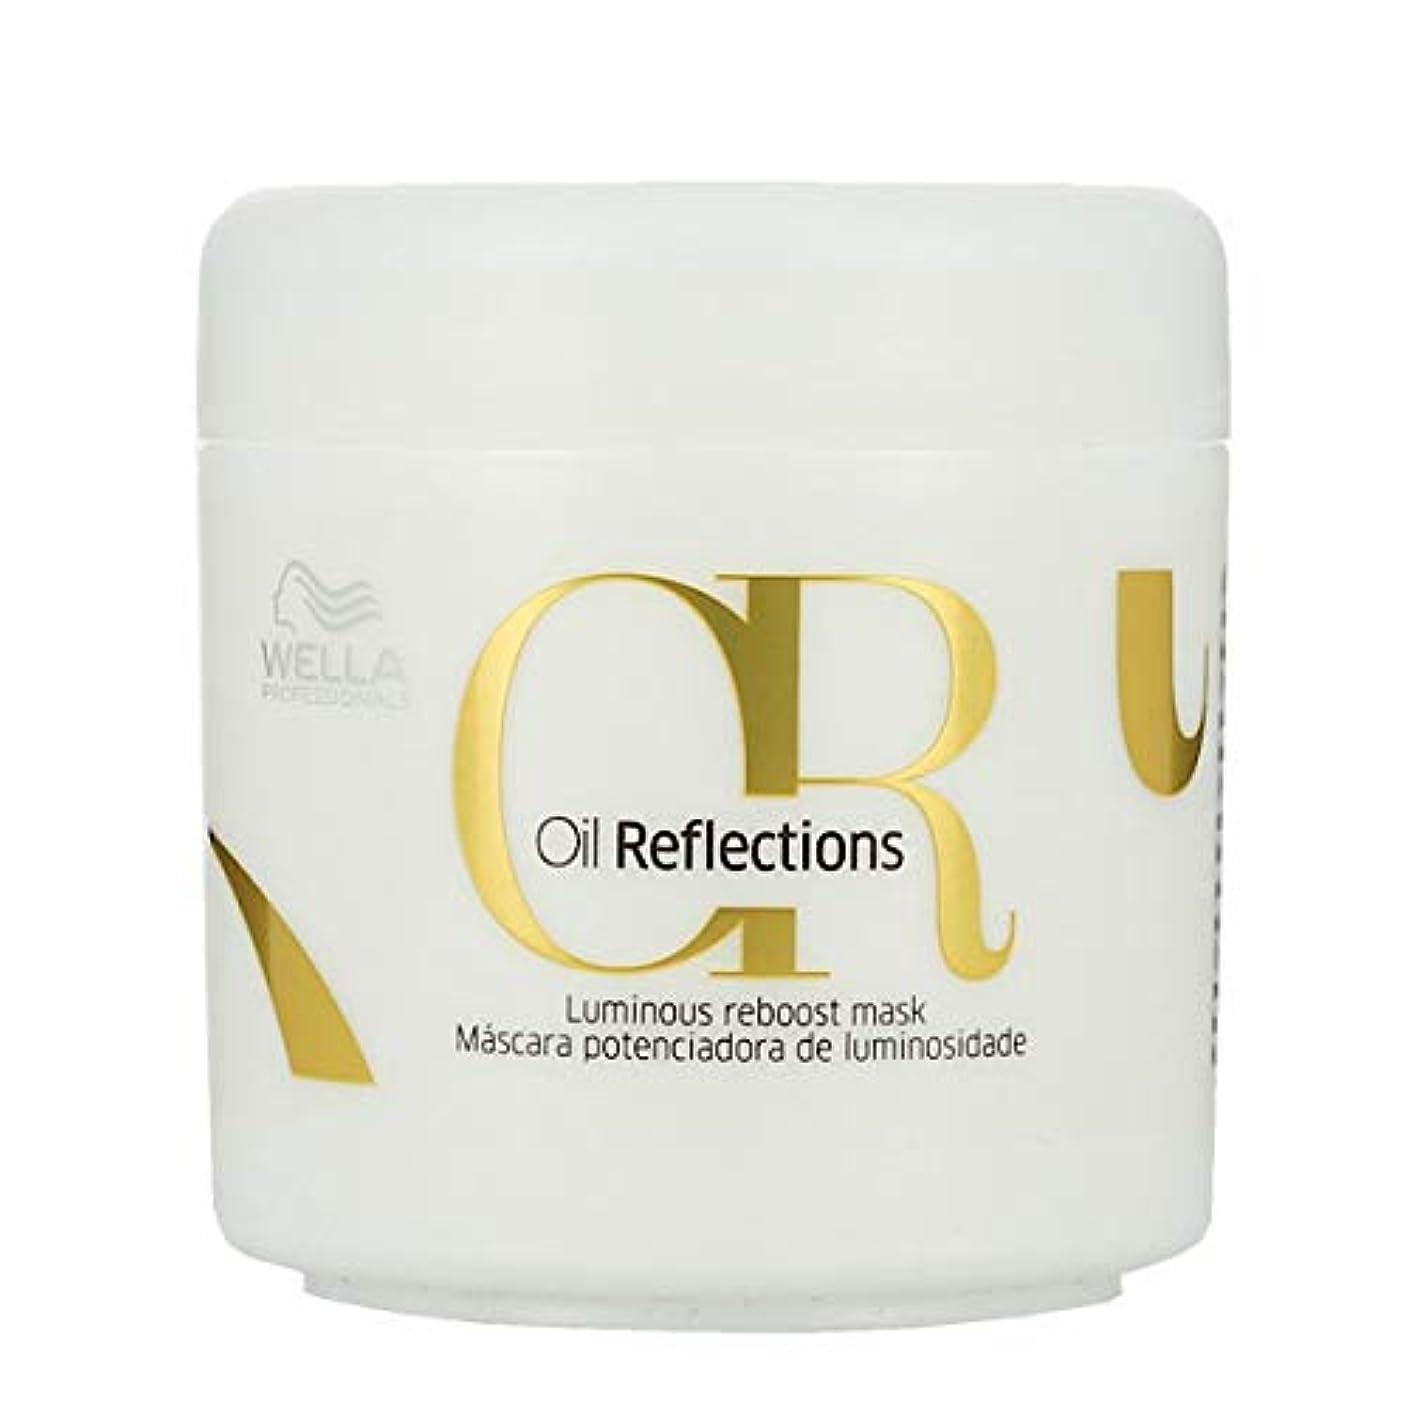 害高度ささやきWella Professionals Oil Reflections Luminous Reboost Mask ウエラ オイルリフレクション マスク 150 ml [並行輸入品]